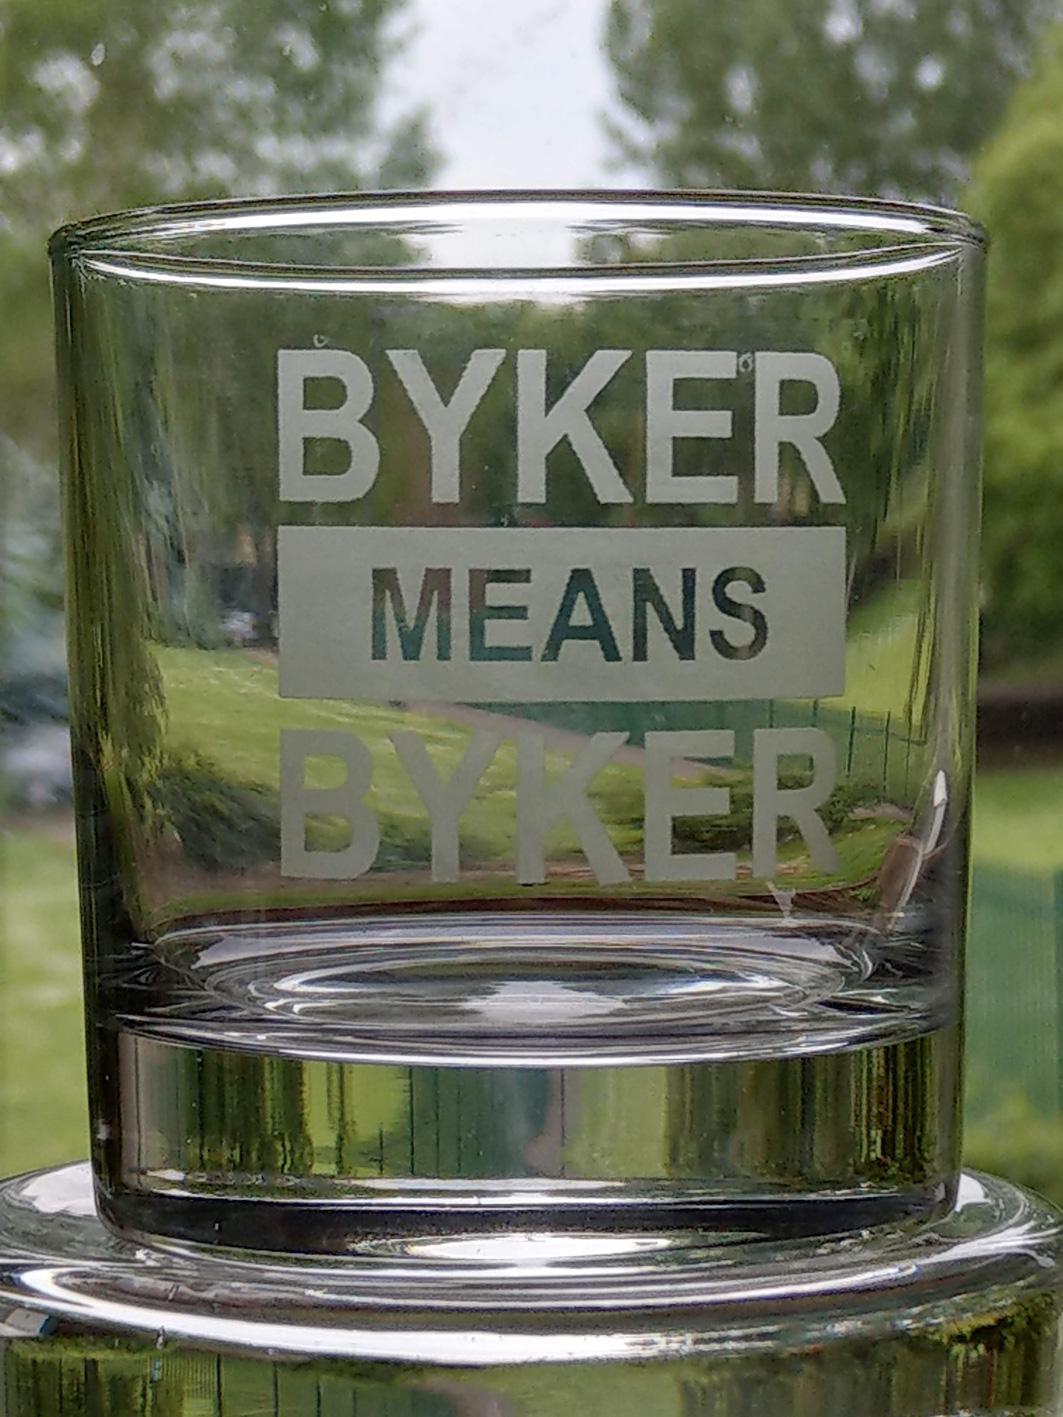 Byker-Means-Byker-Glass-3.jpg